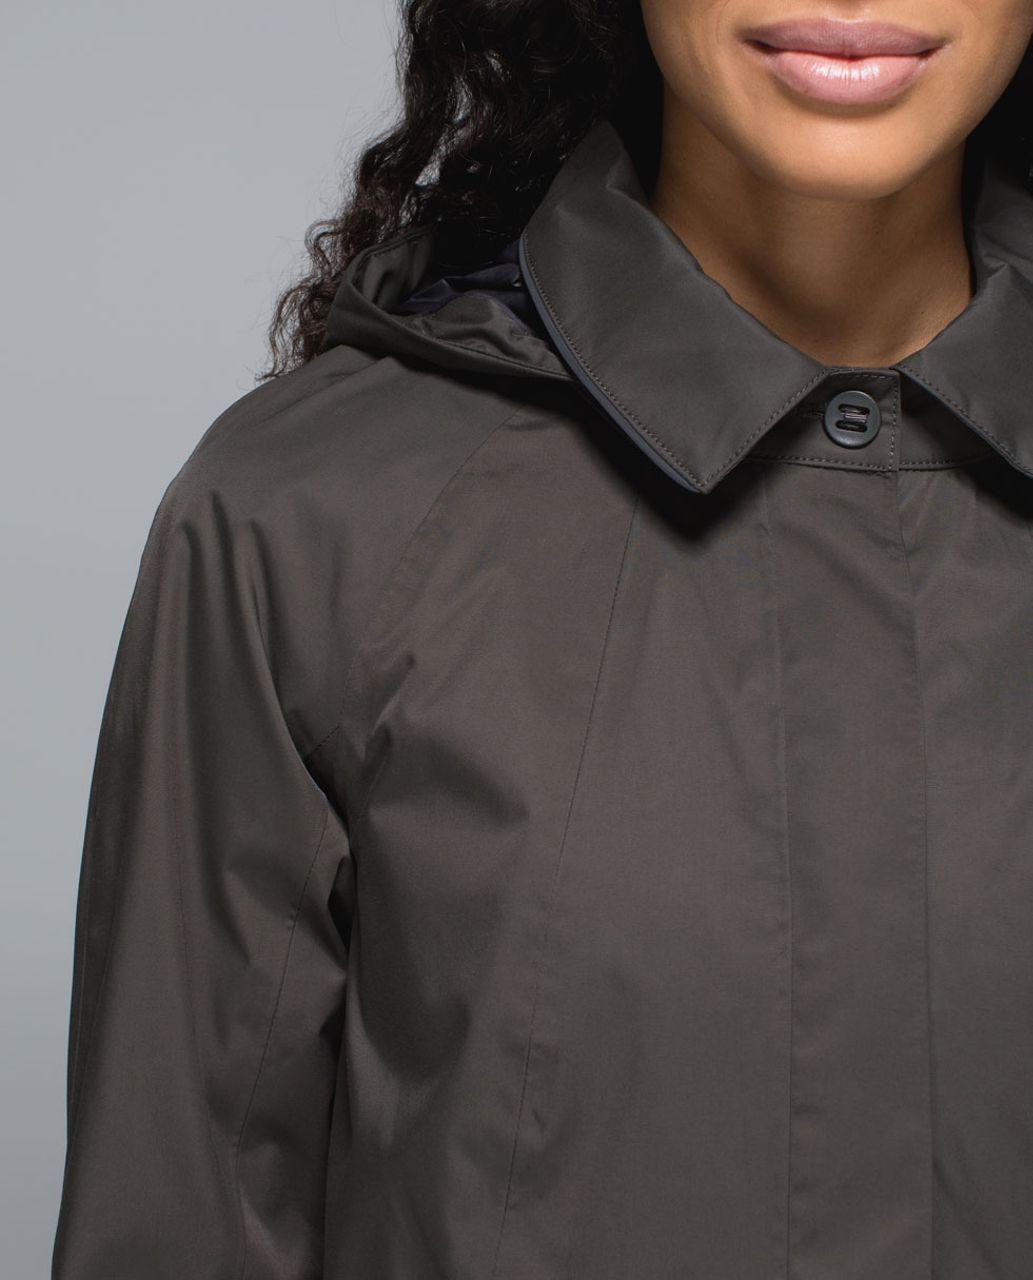 Lululemon Rain On Jacket - Dark Wren